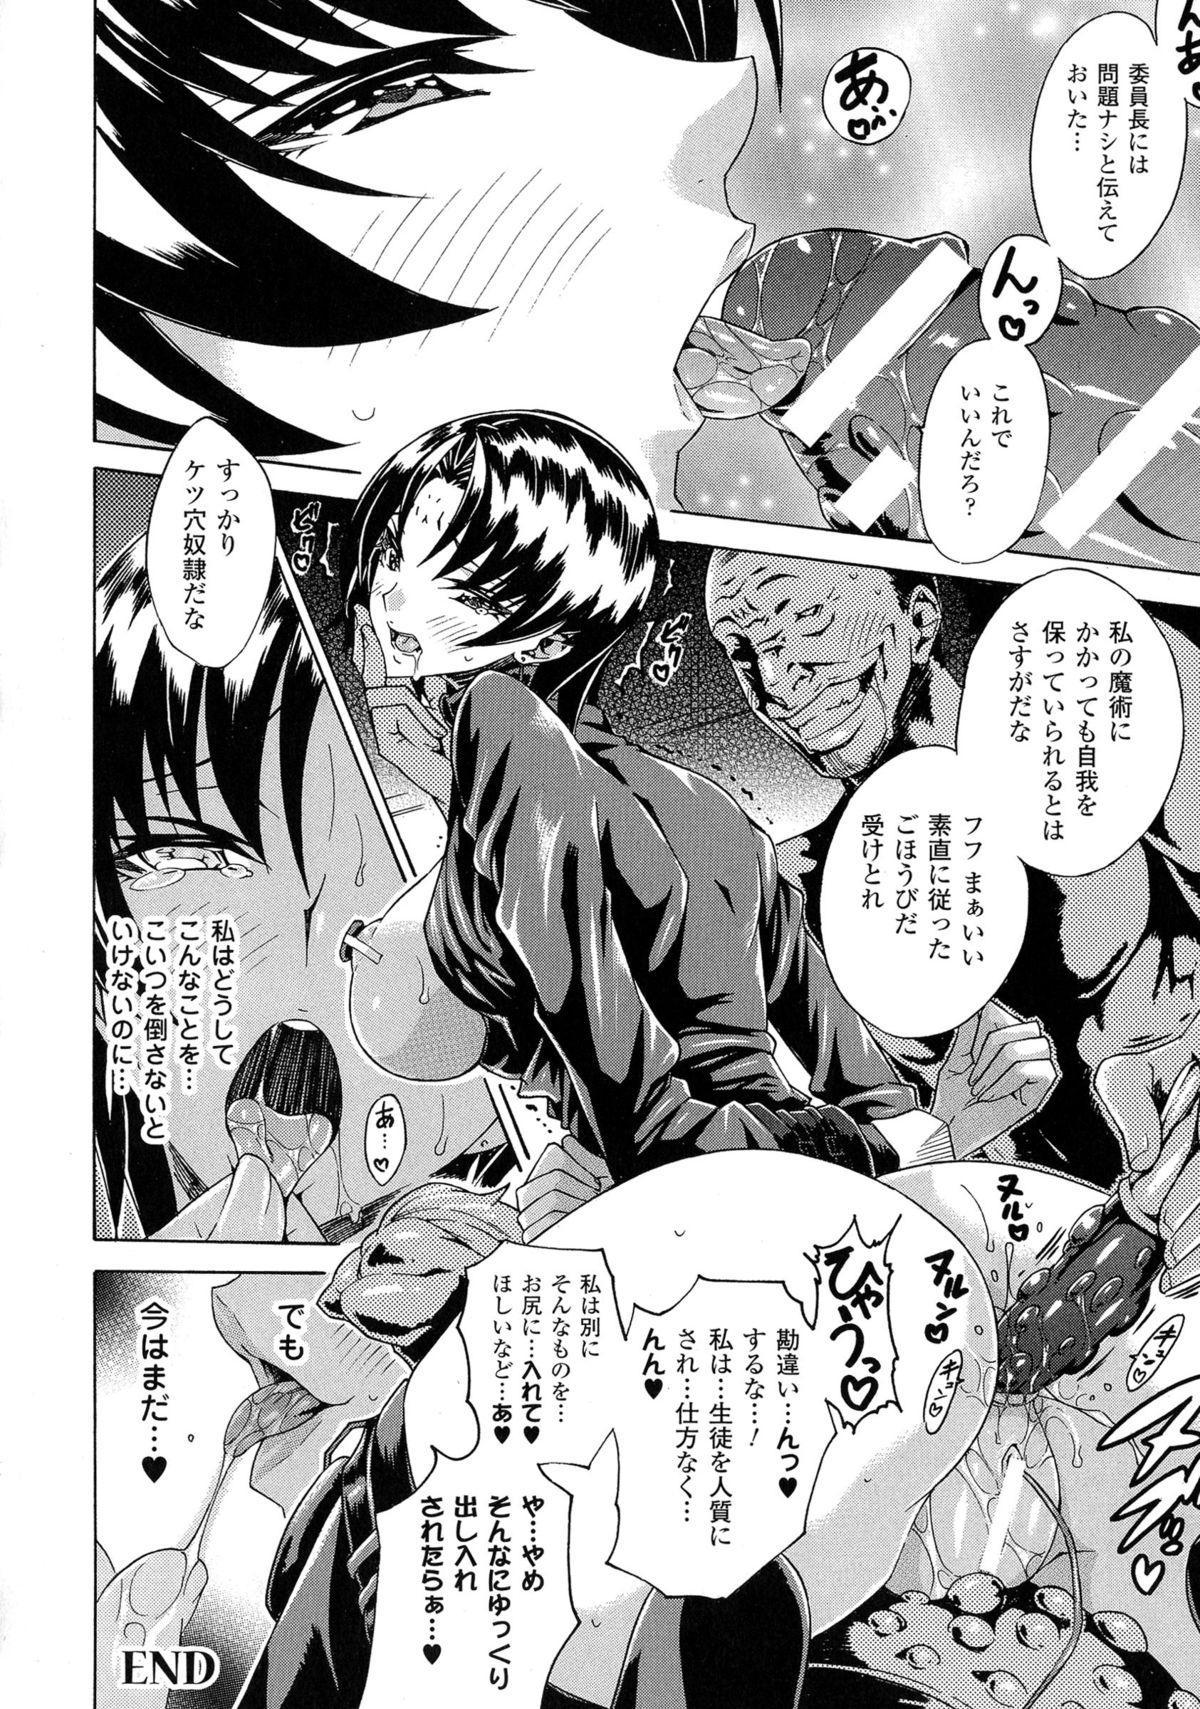 Kachiki na Onna ga Buzama na Ahegao o Sarasu made 121